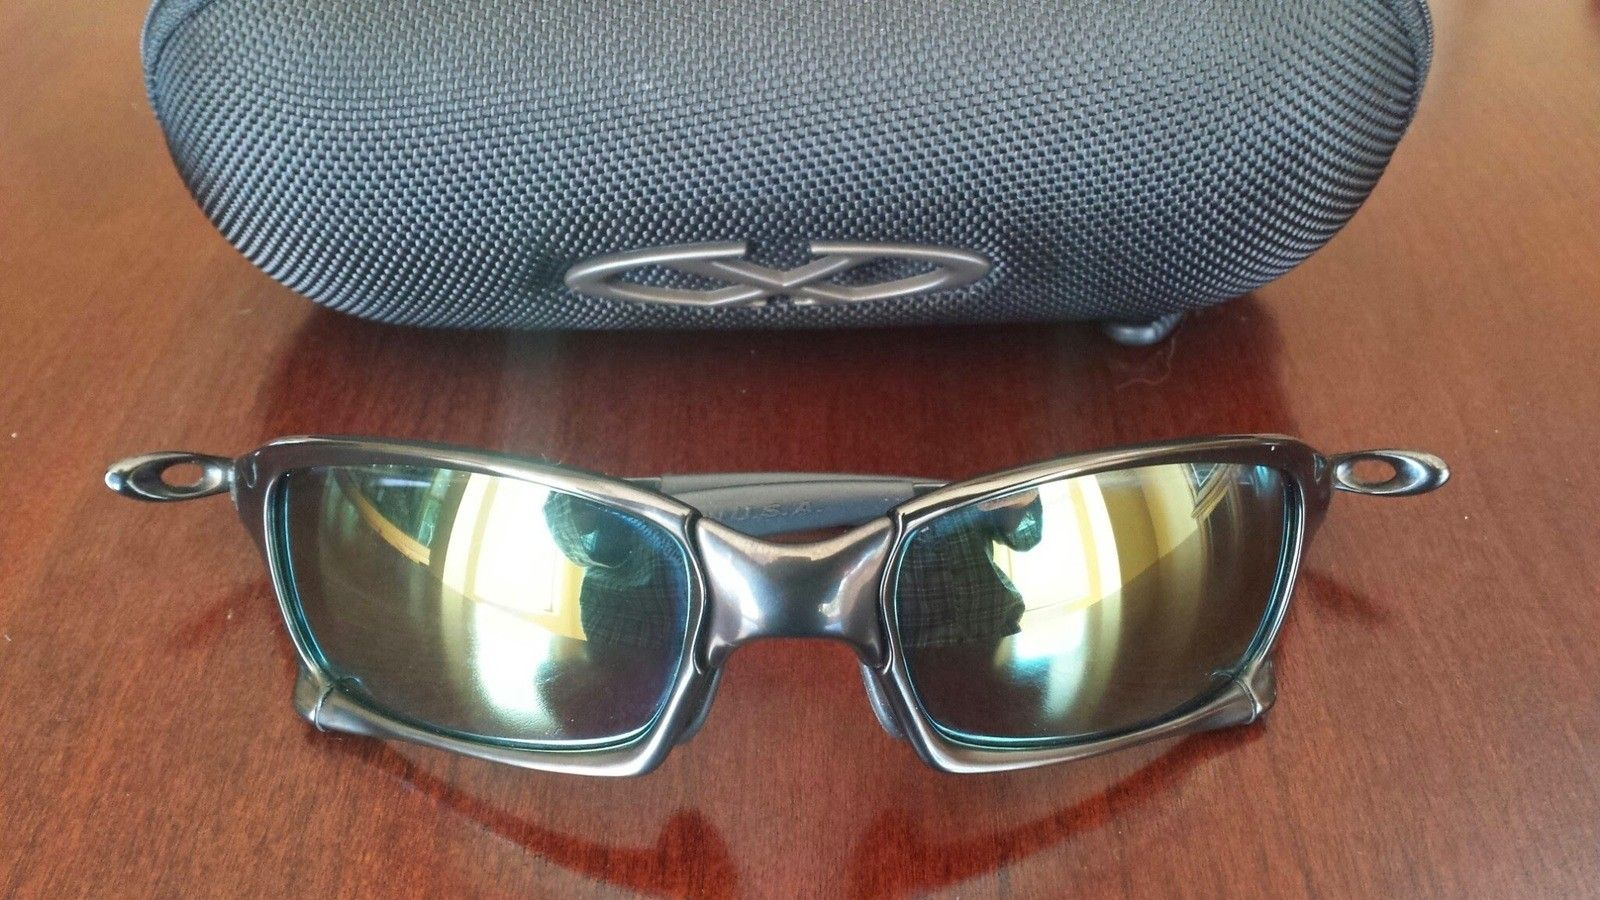 X-Squared Frames - Lenses Optional - 20140331_141017.jpg